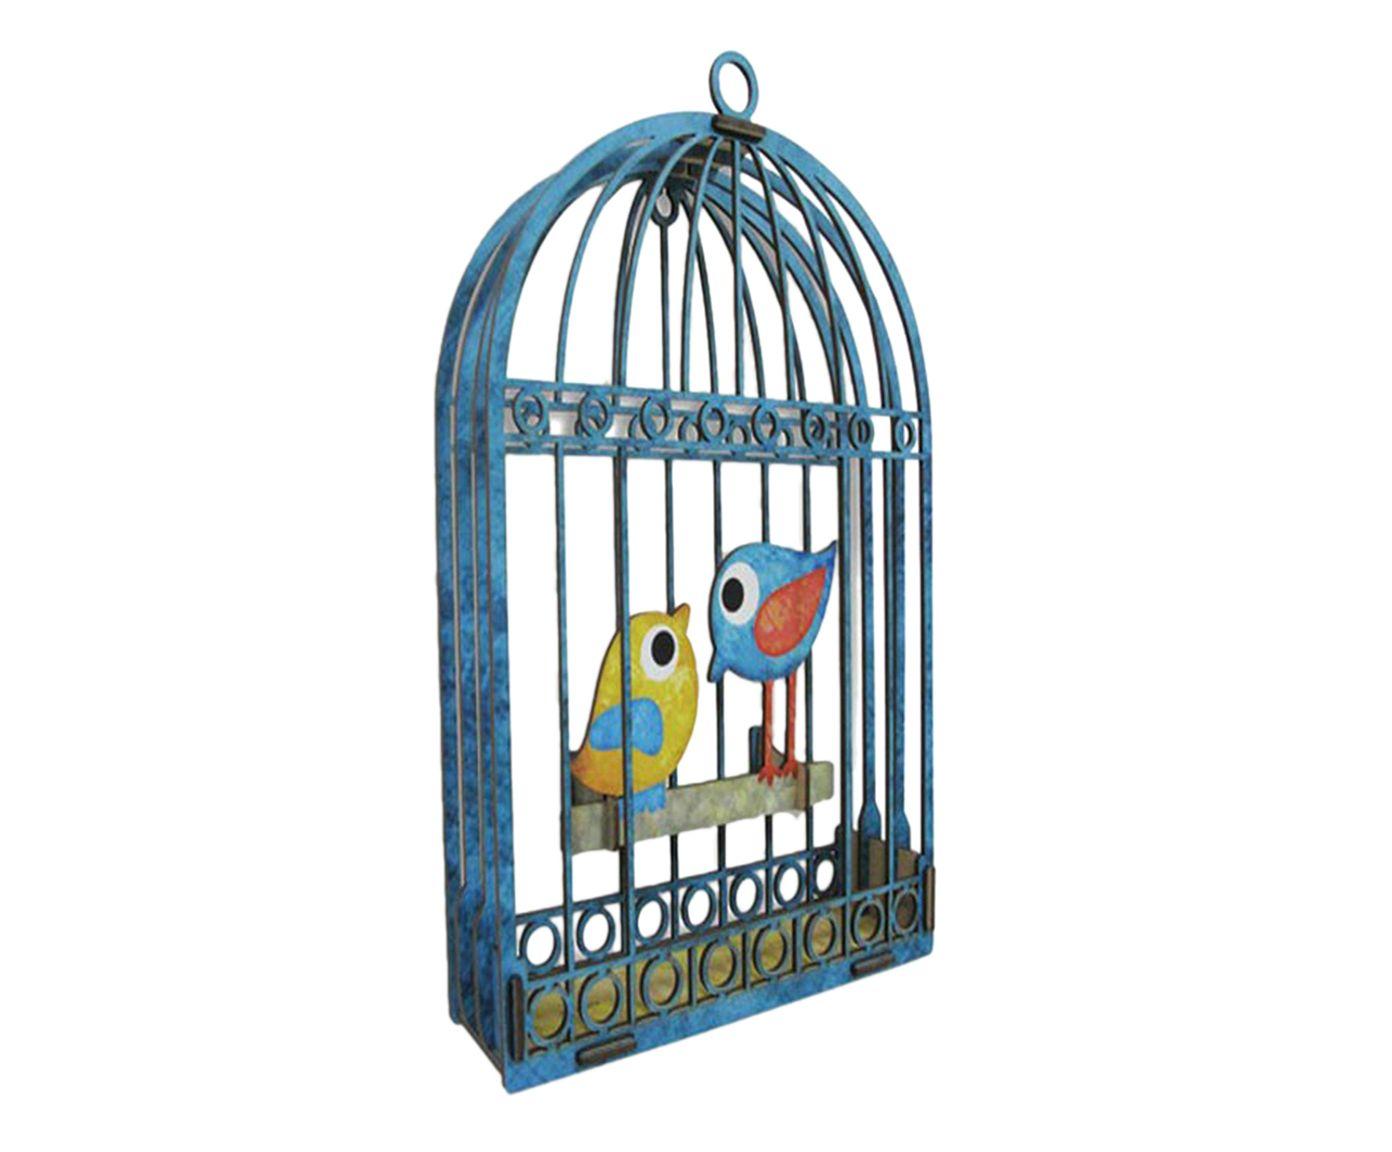 Adorno Gaiola Birds Apaixonado | Westwing.com.br